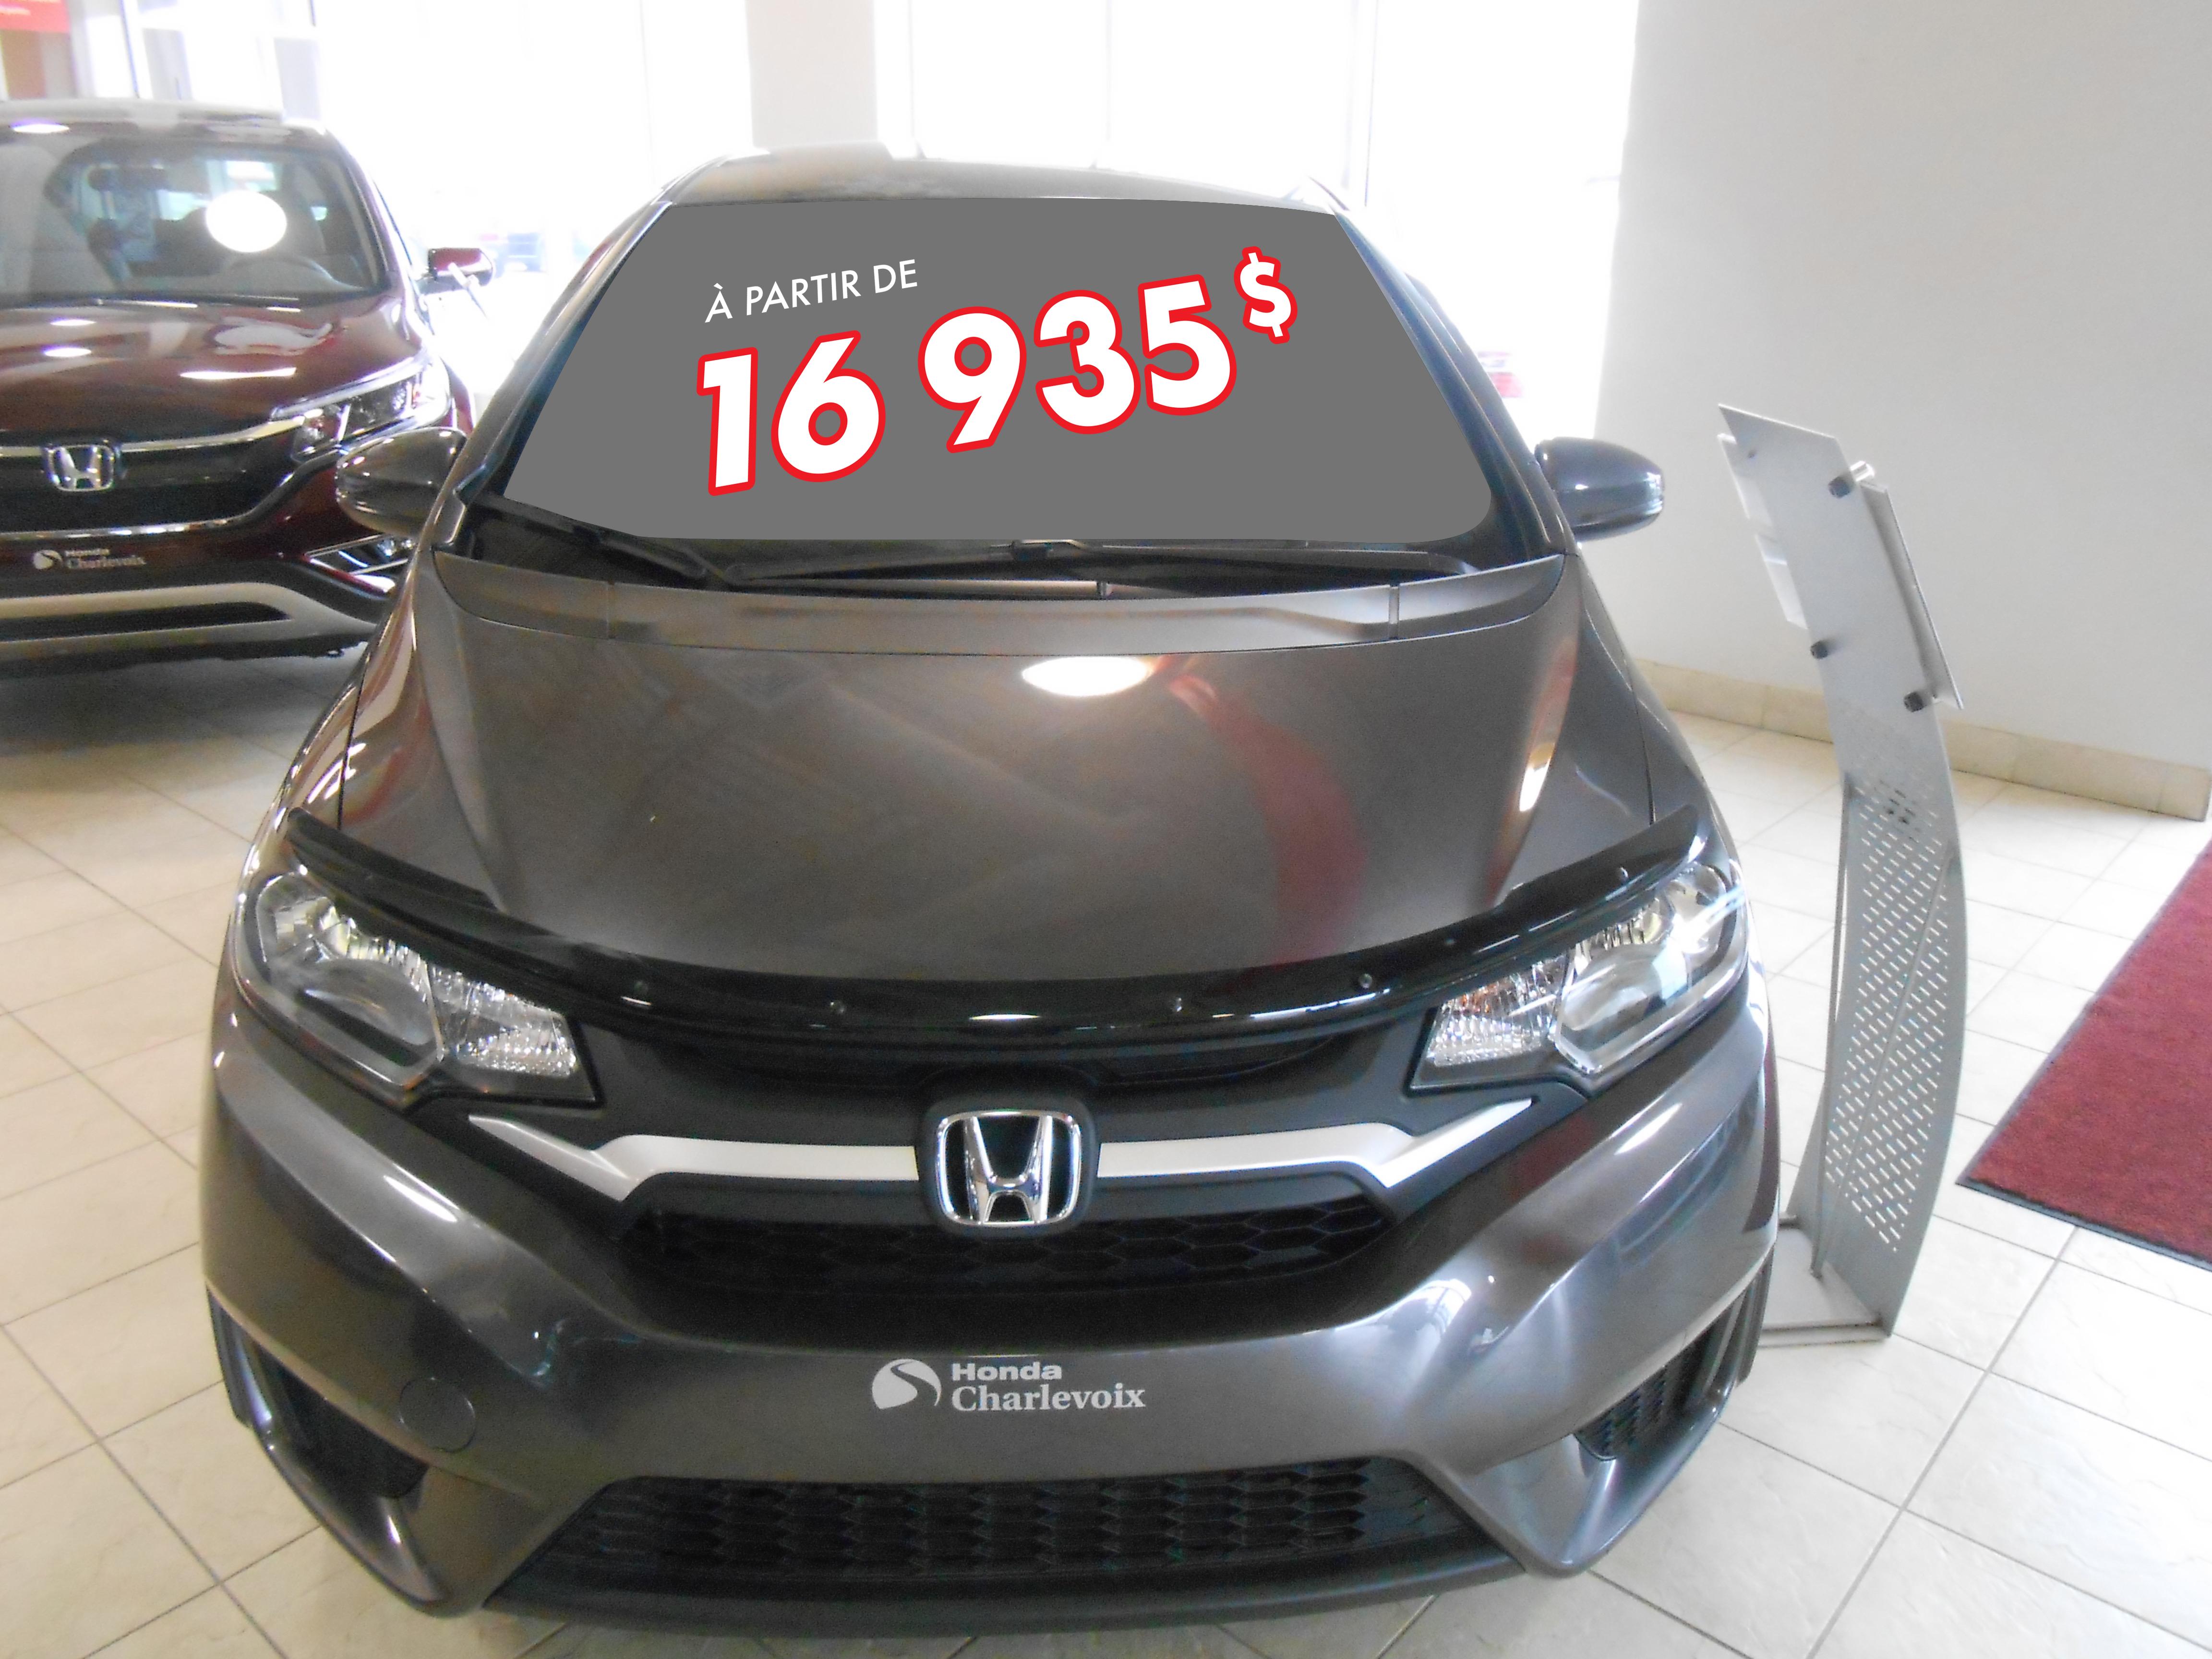 Honda Charlevoix